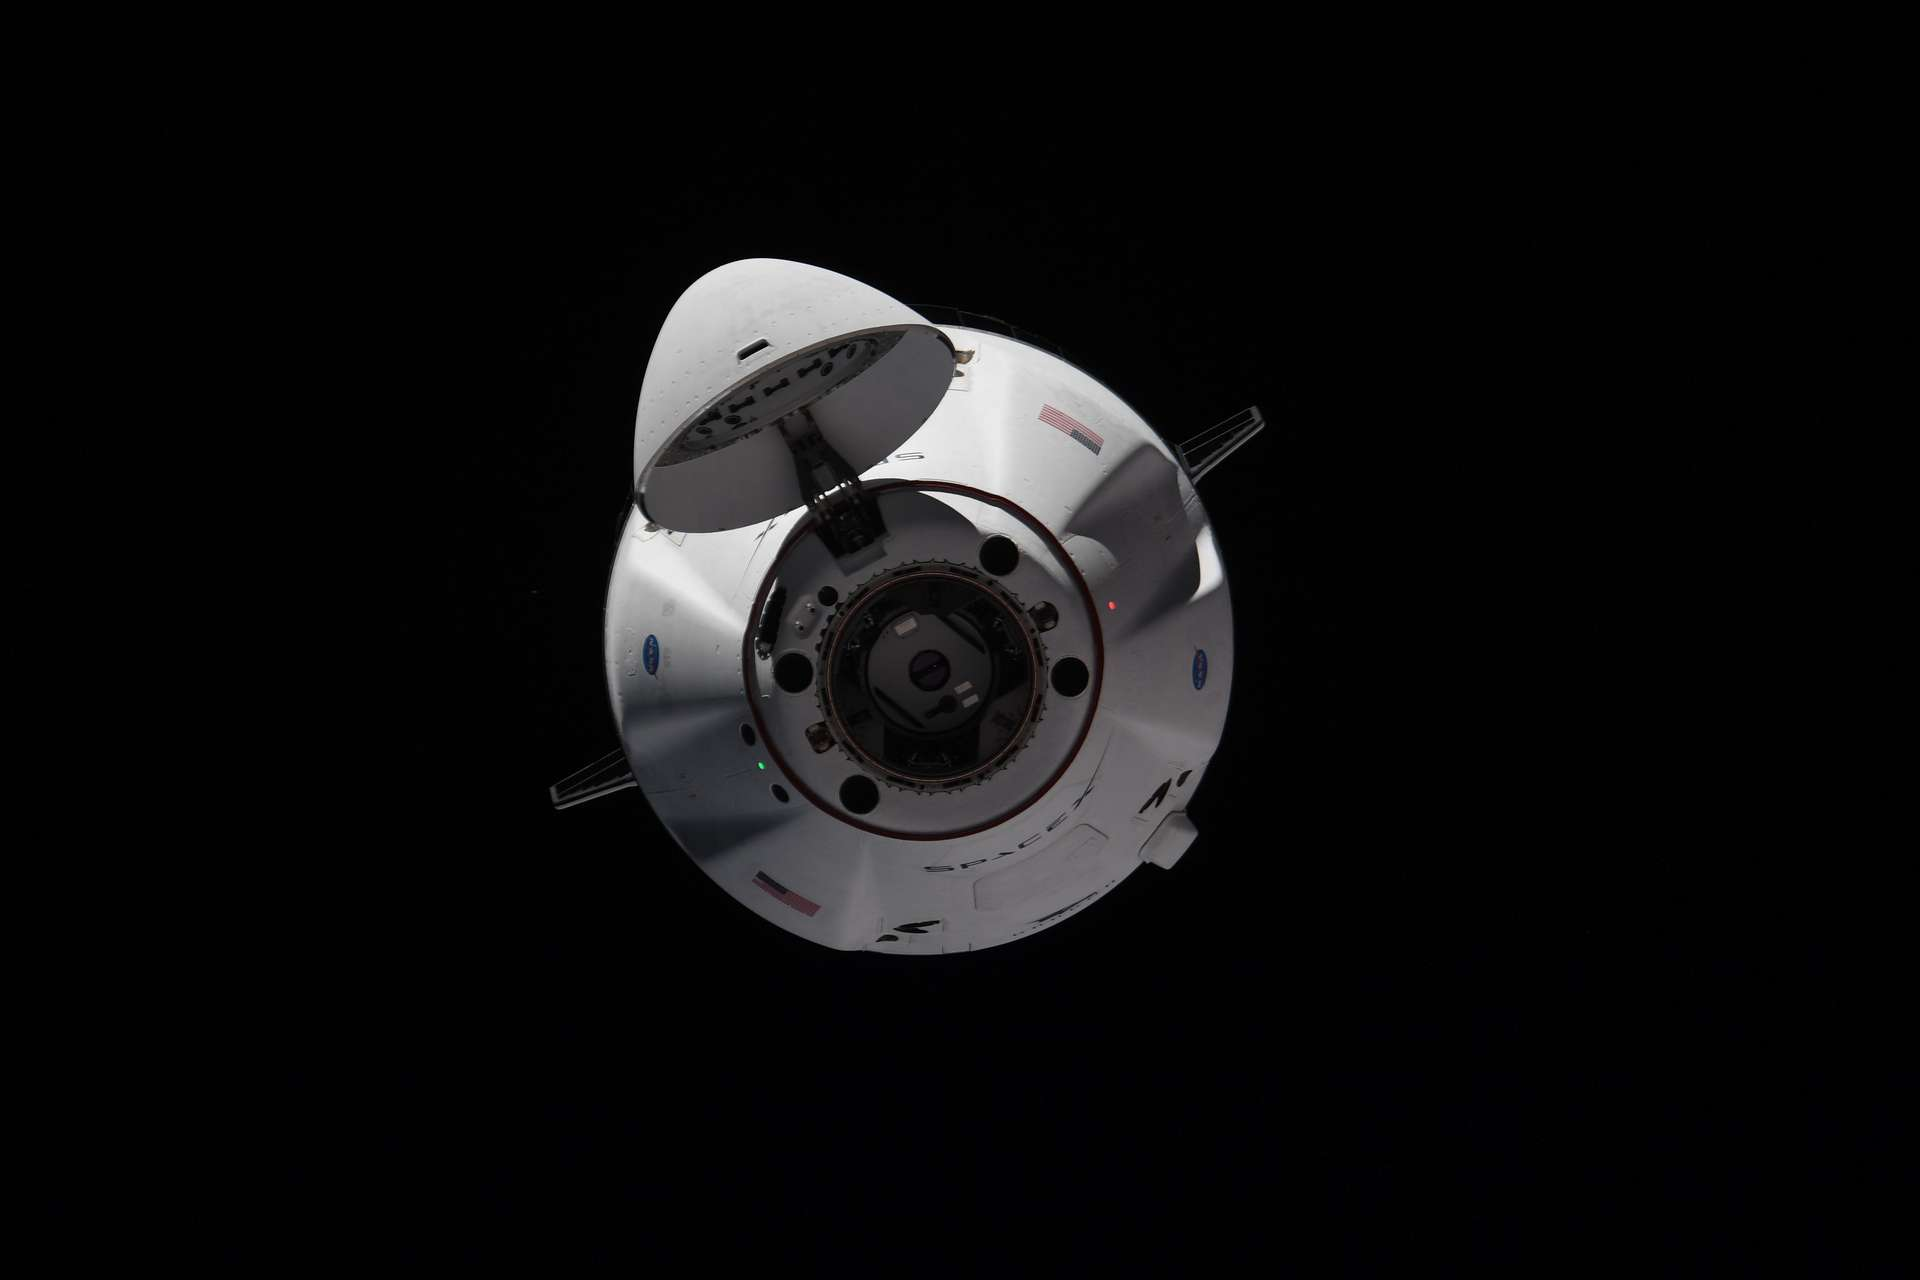 Arrivée du cargo Dragon CRS-22 à la Station spatiale internationale. © ESA, Nasa, T. Pesquet